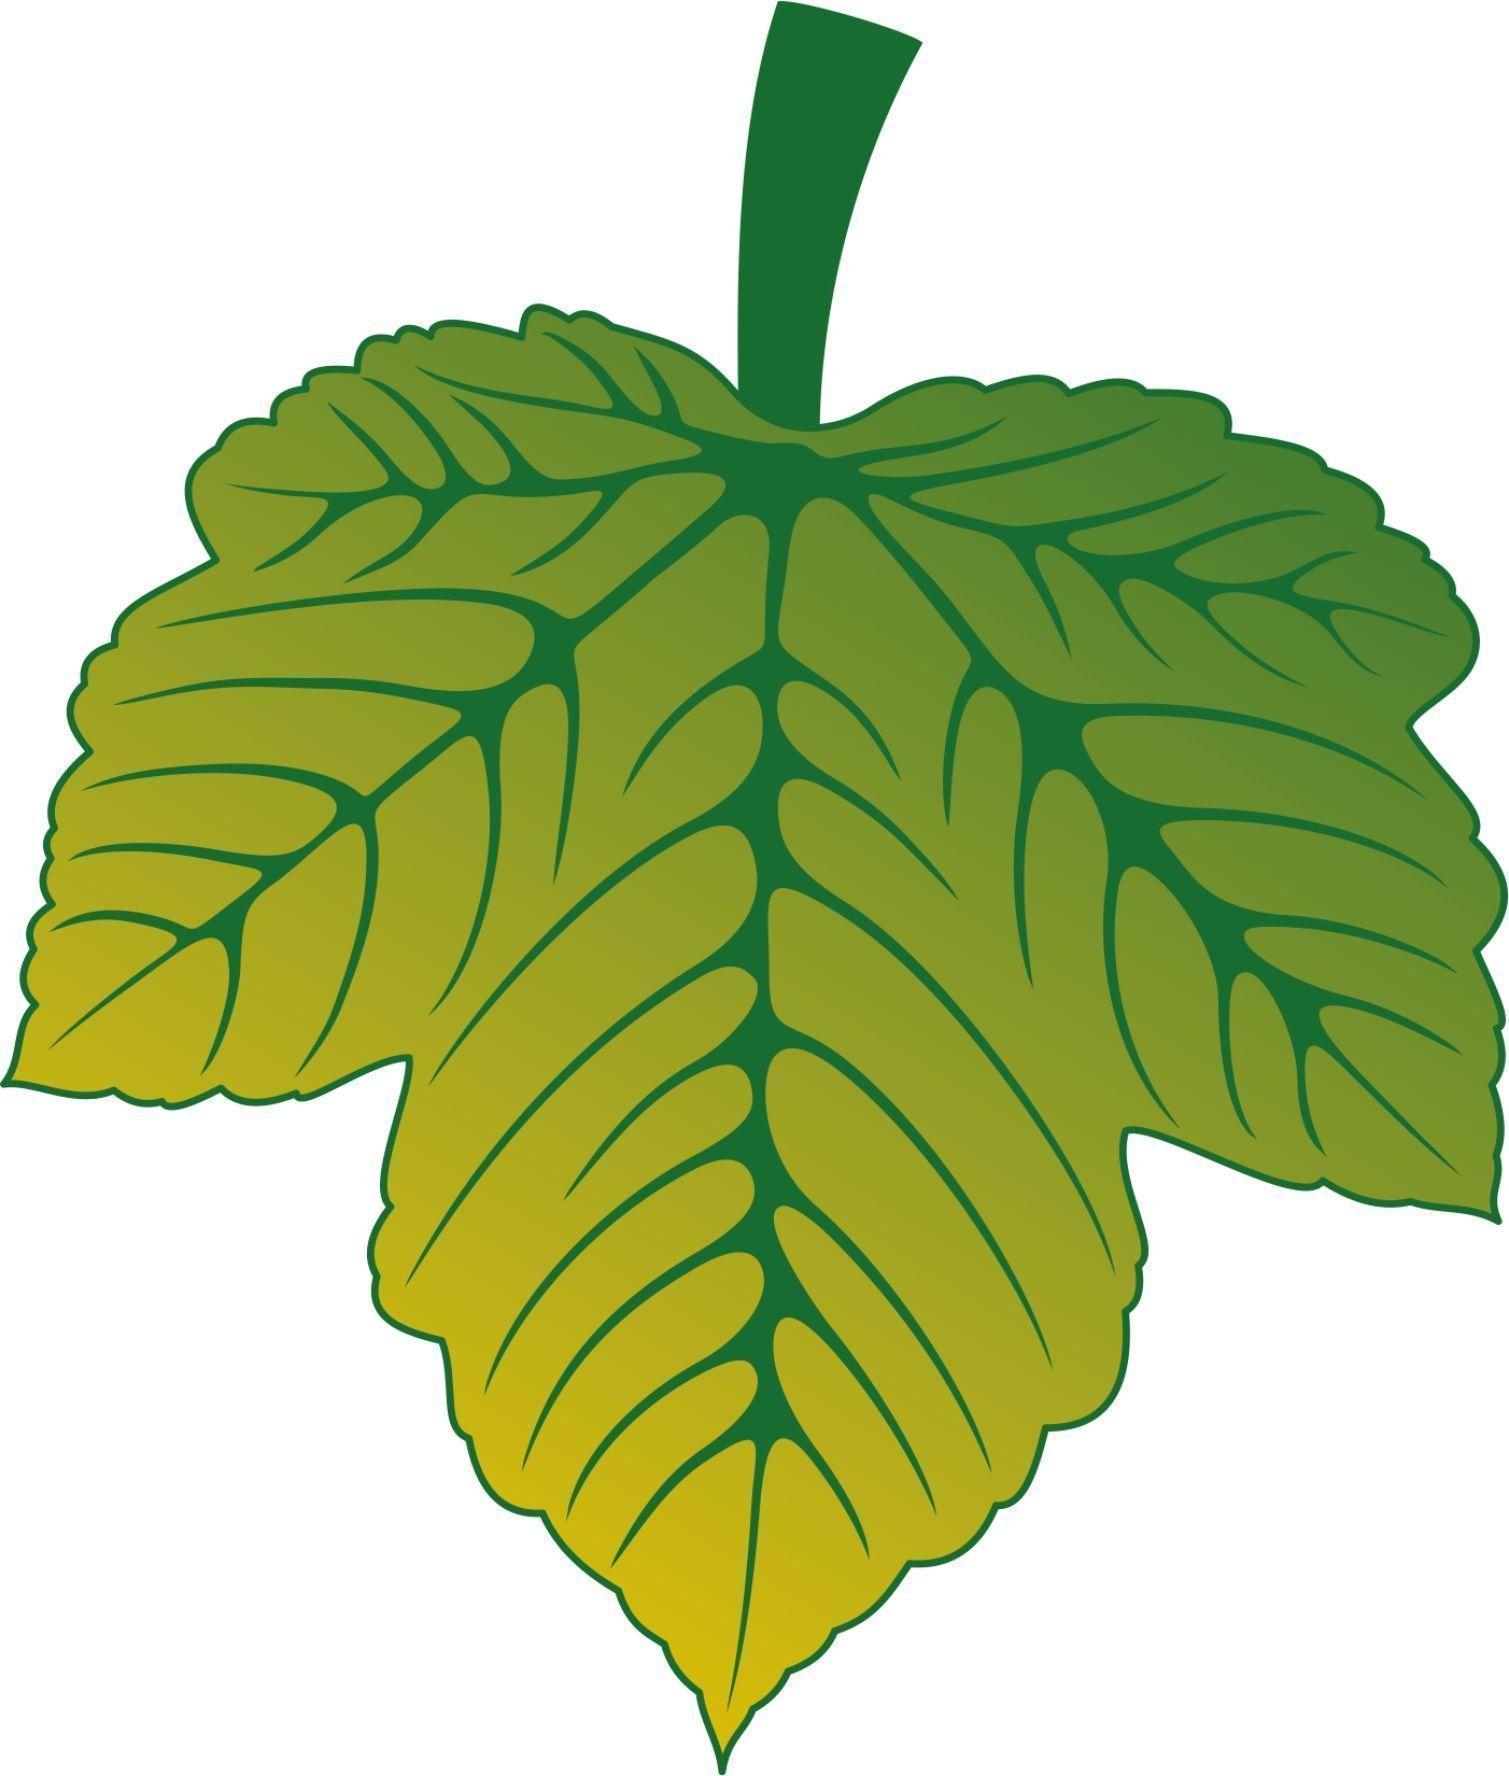 Мини-плакат вырубной Лист винограда зеленый: 110х128 ммВырубные фигуры<br>.<br><br>Год: 2017<br>Серия: Вырубные фигуры для оформления<br>Высота: 128<br>Ширина: 110<br>Переплёт: набор